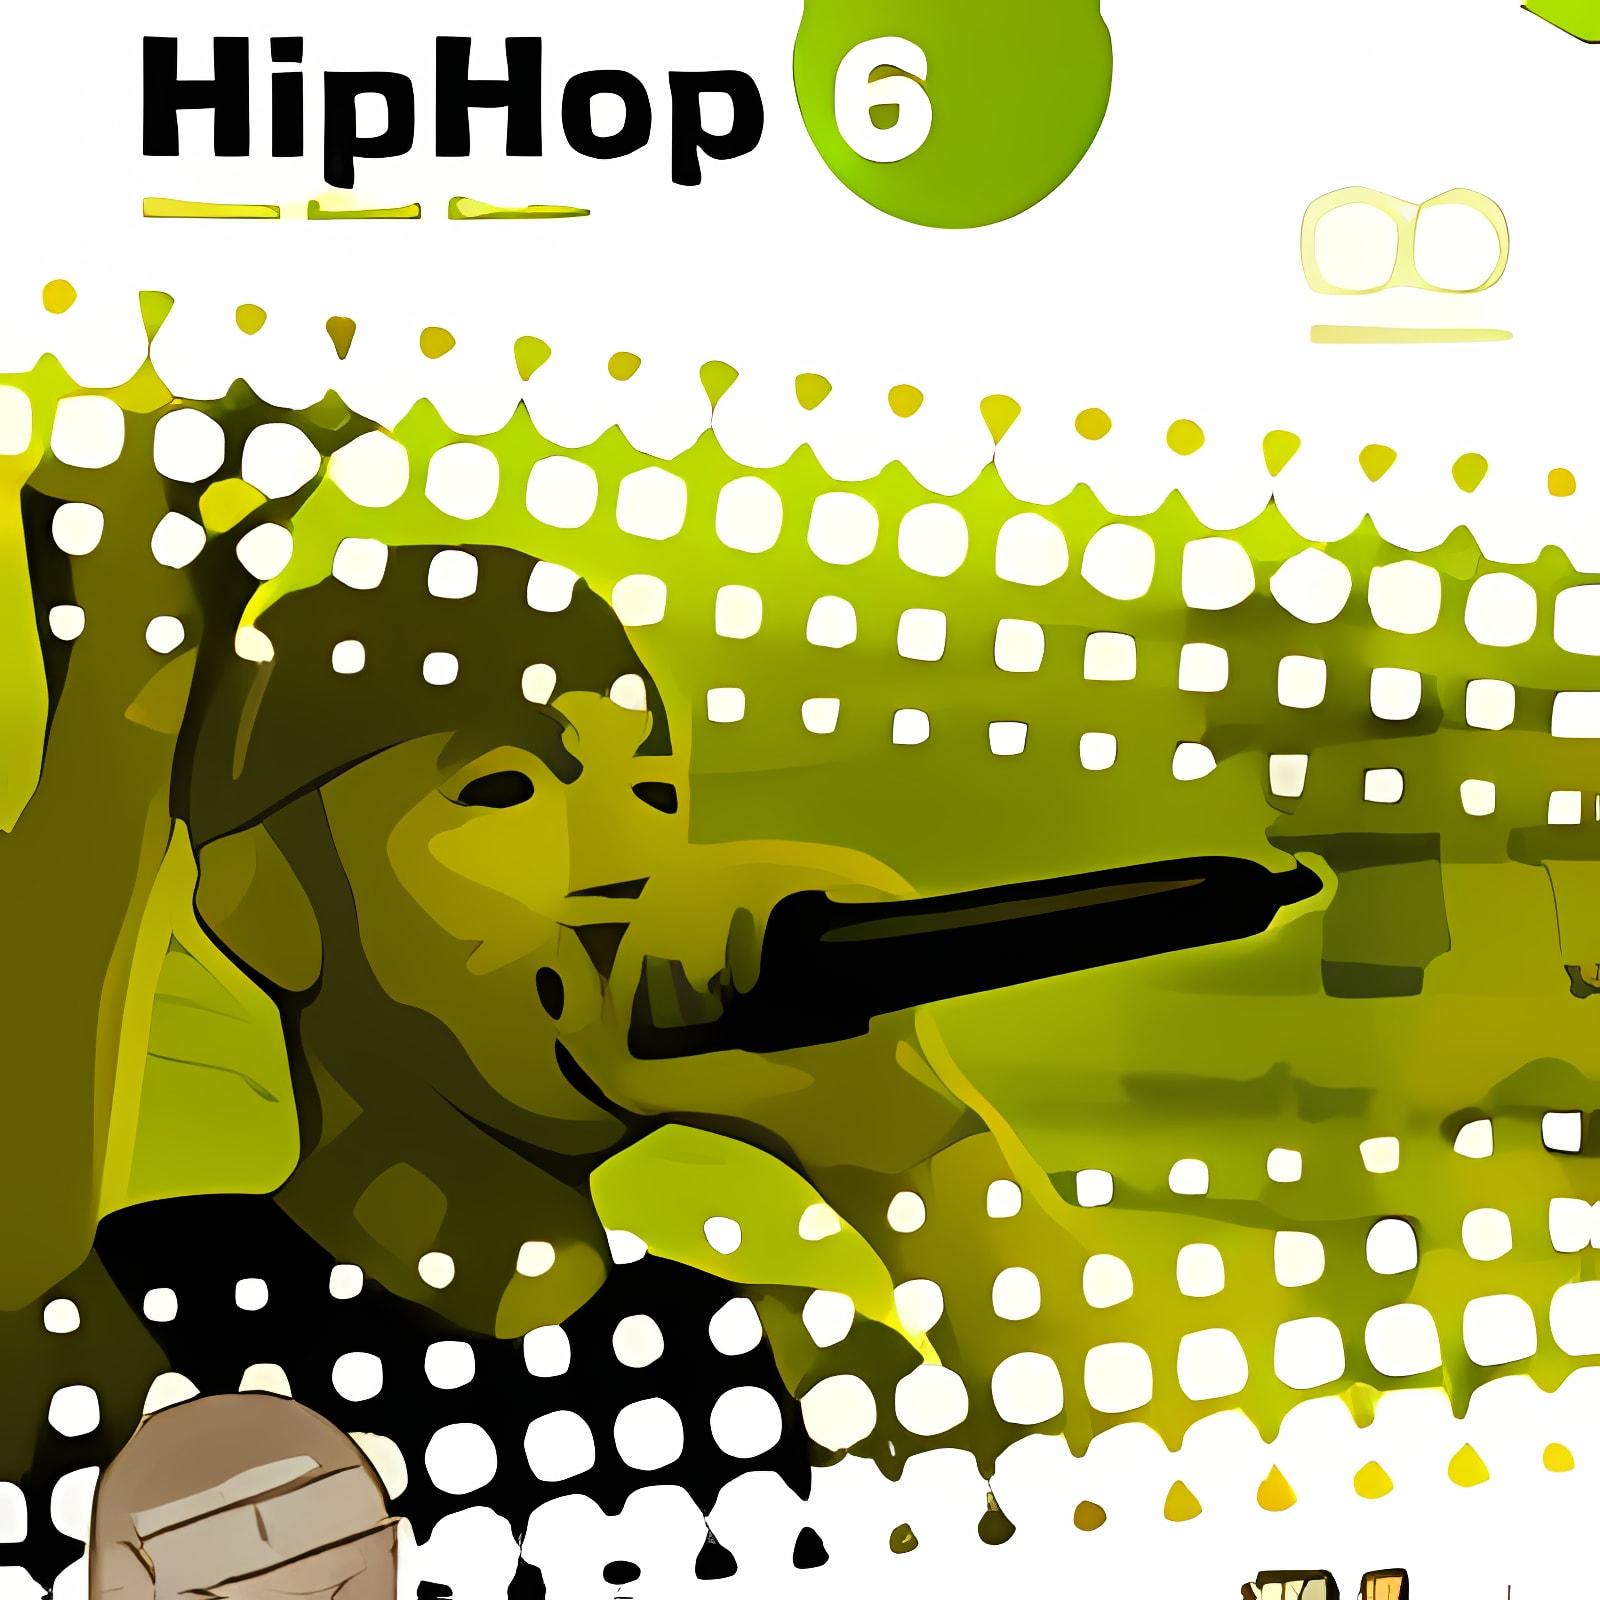 HipHop eJay